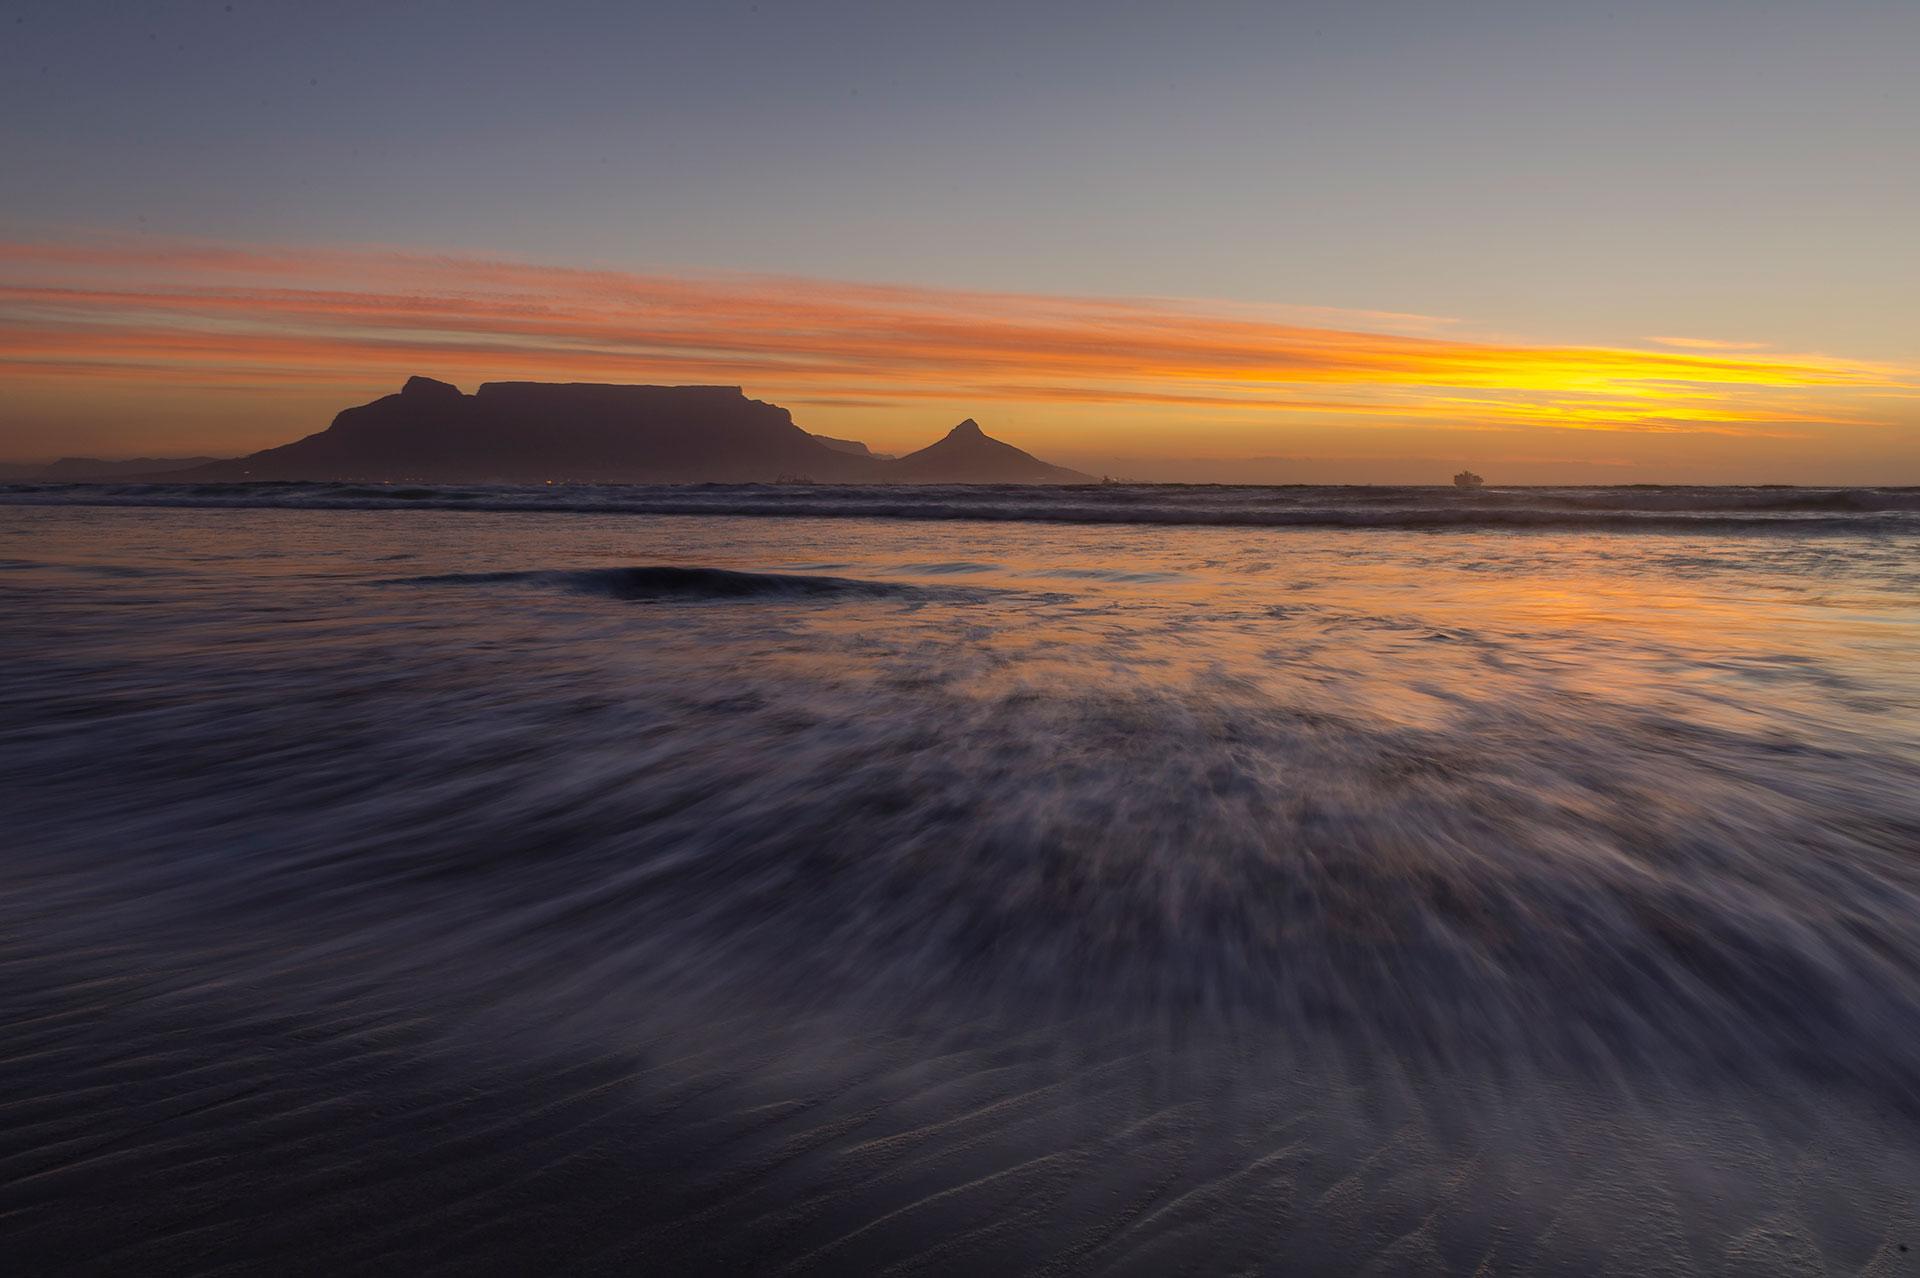 Südafrika Kapstadt der Tafelberg bei Sonnenuntergang Strand in Duynefontein am Westkap